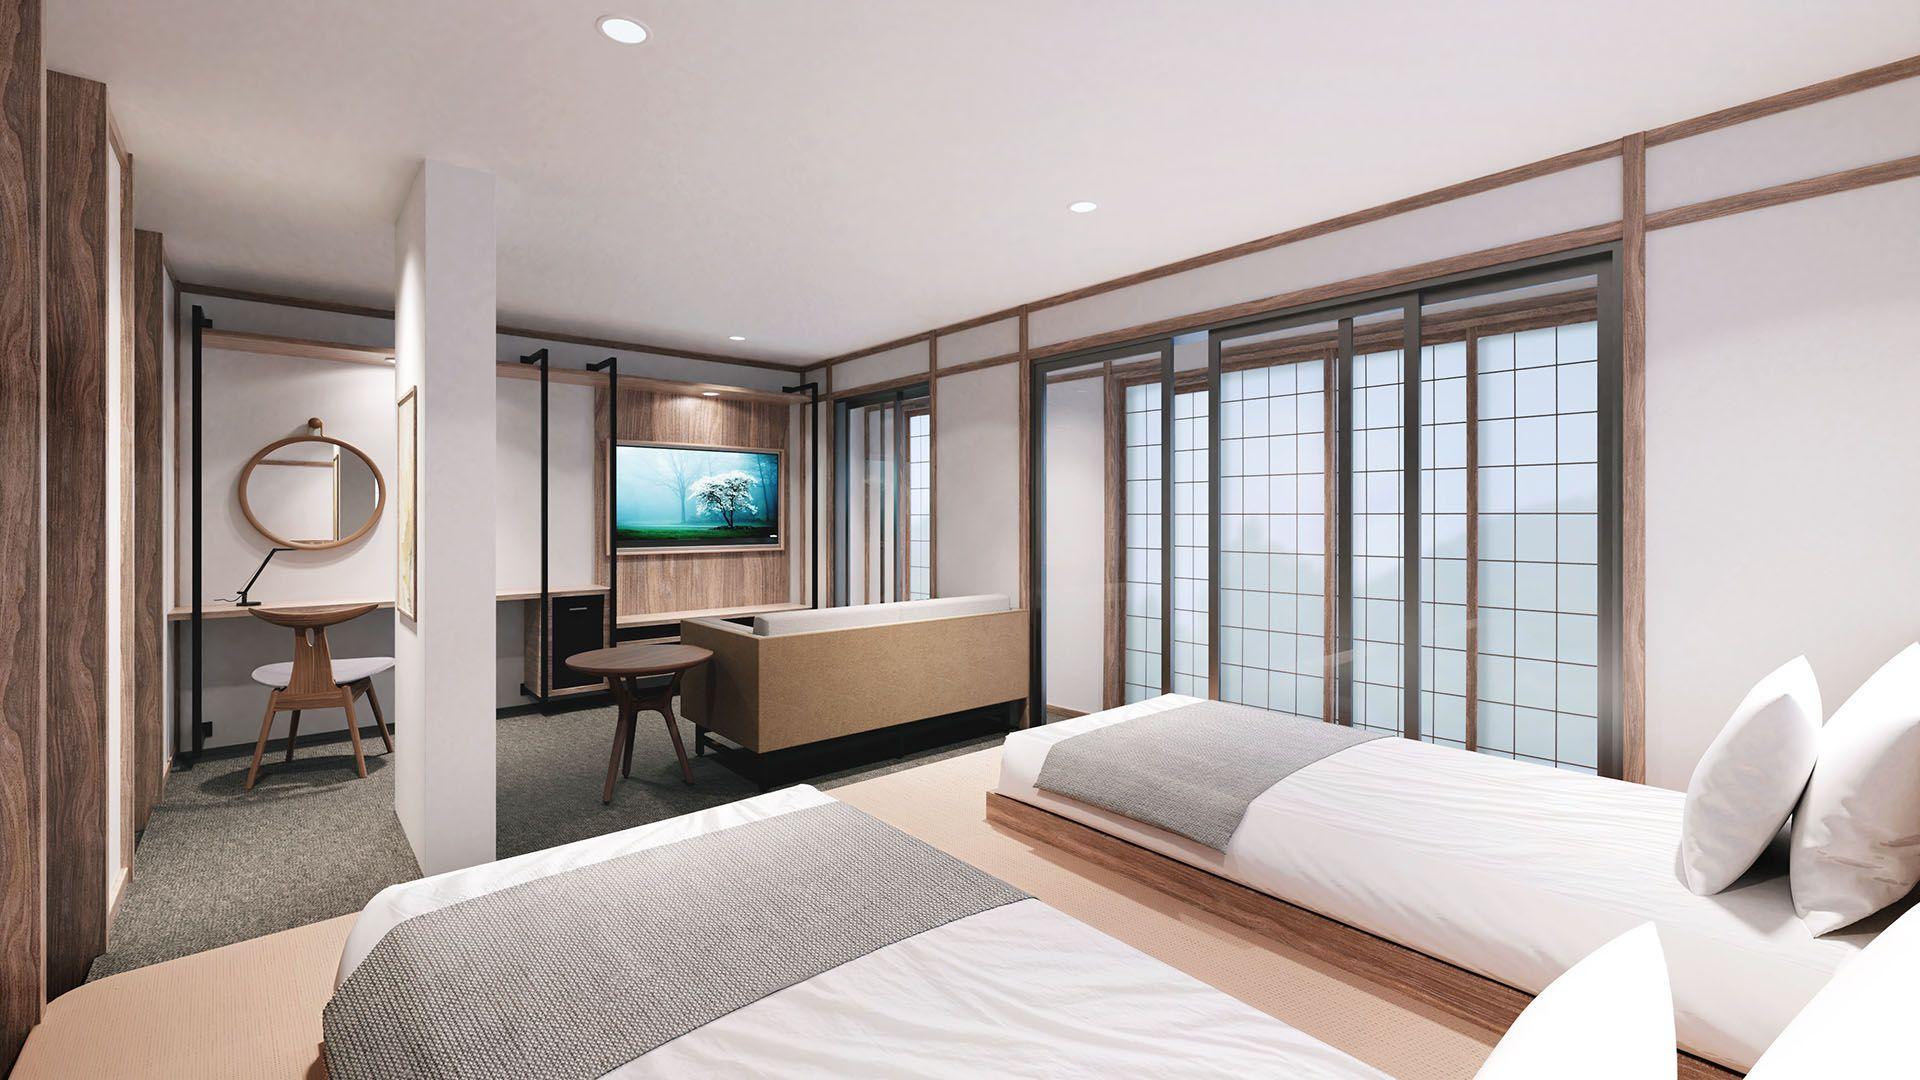 residence-yasushi-5b51547222d4e_large